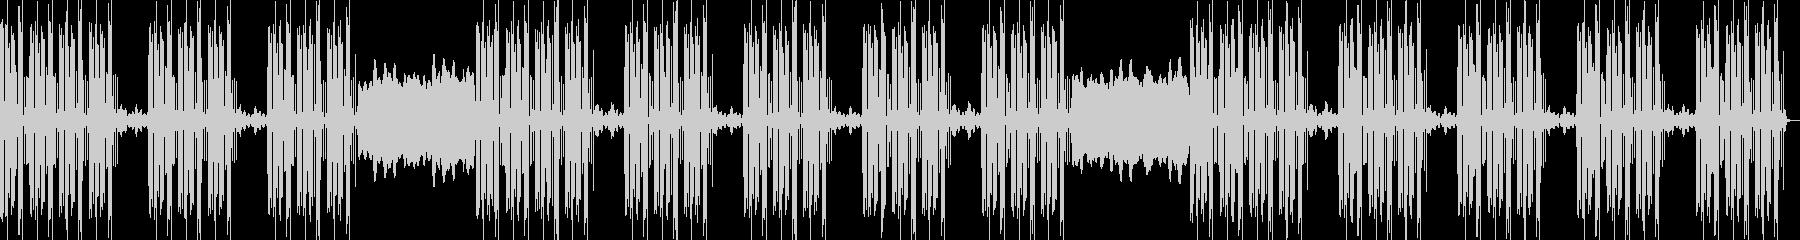 ドープな重低音トラップビートの未再生の波形